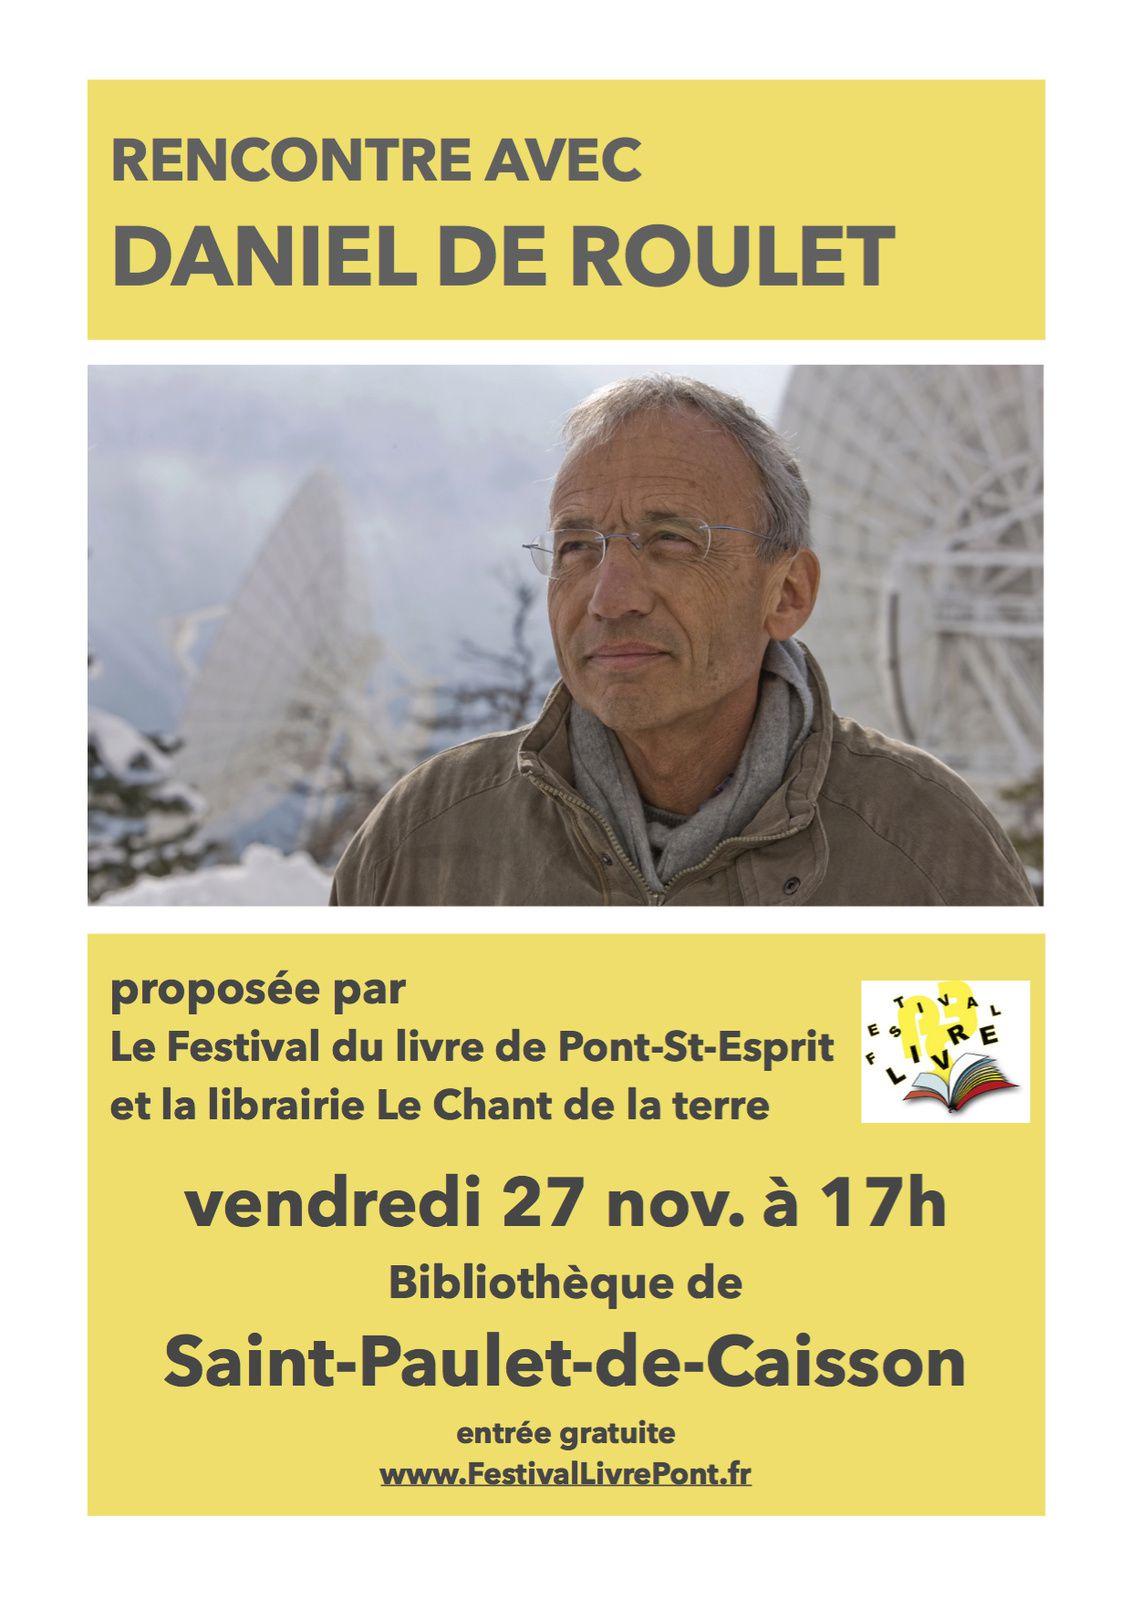 Rencontre avec Daniel De Roulet